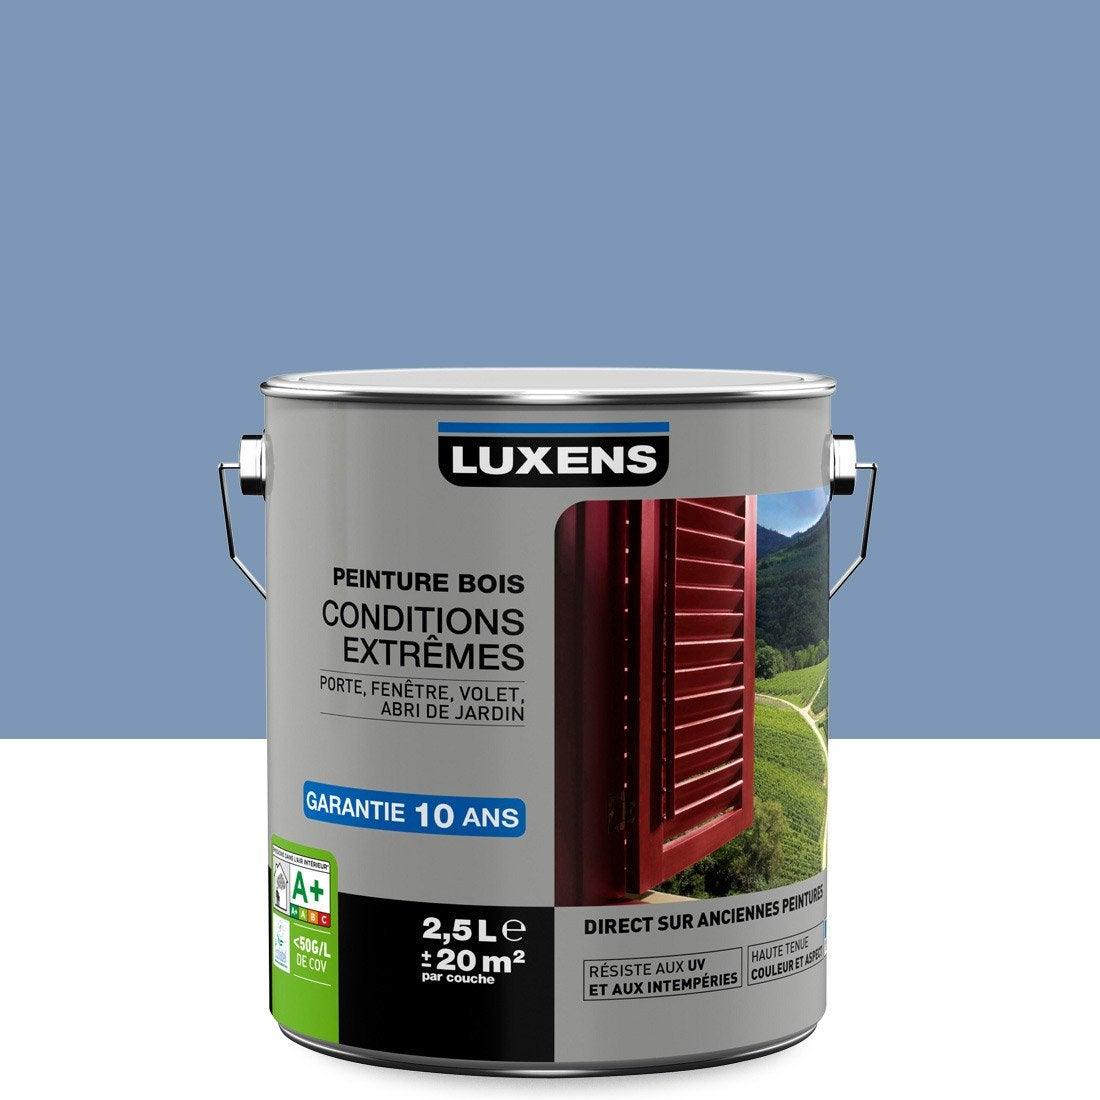 Peinture Bois Extérieur Conditions Extrêmes LUXENS, Bleu Provence, 2.5 L